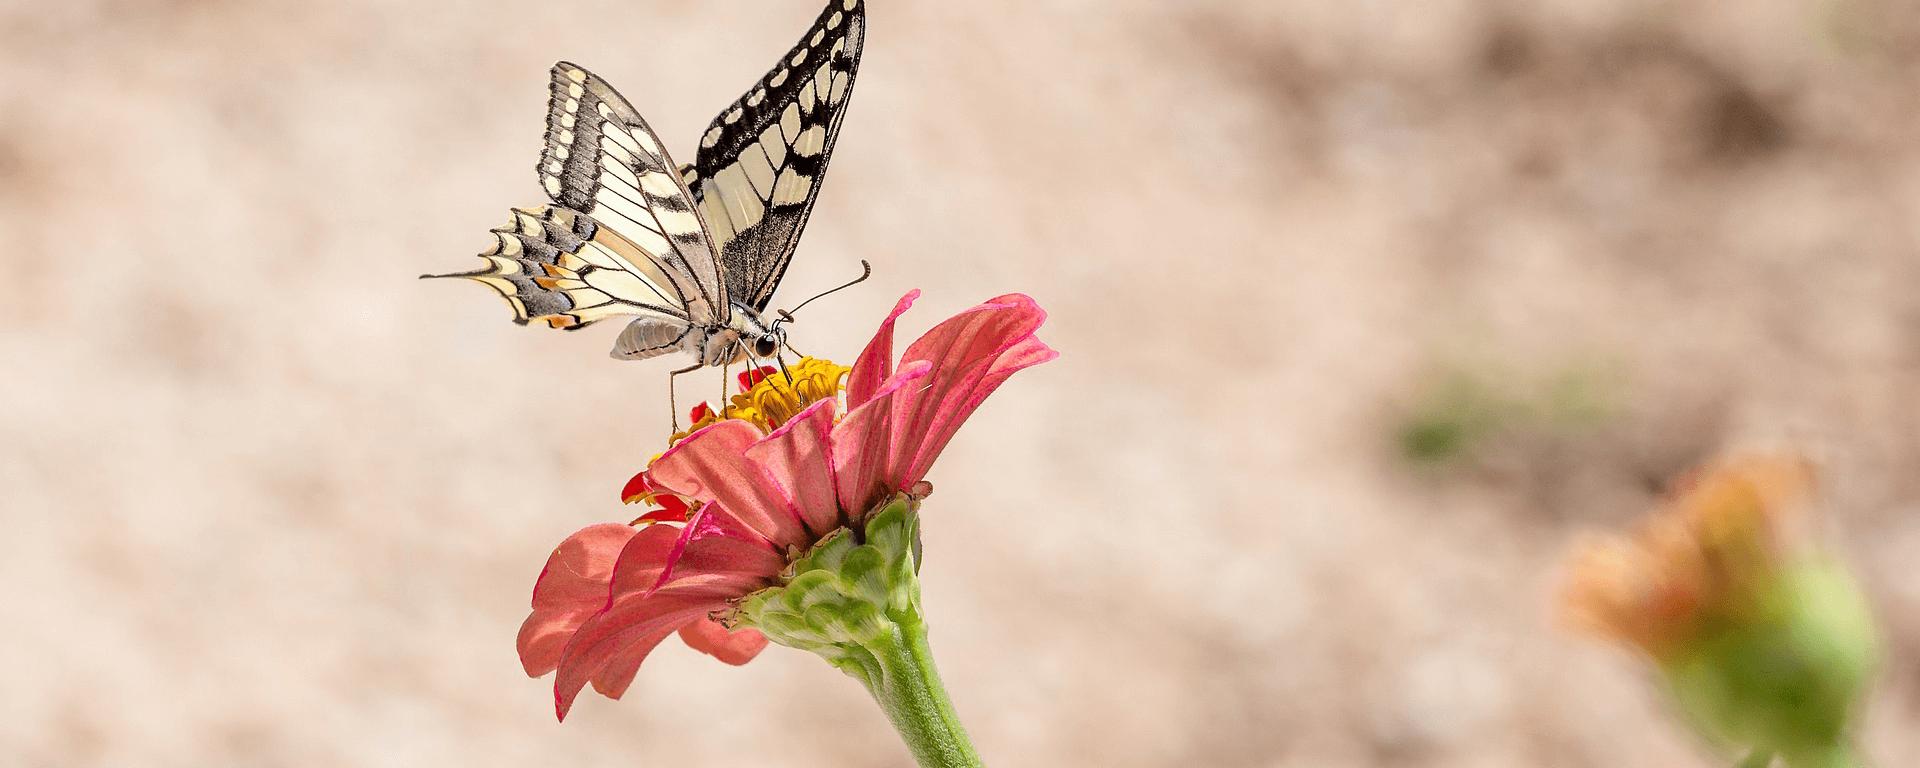 flower-buttefly